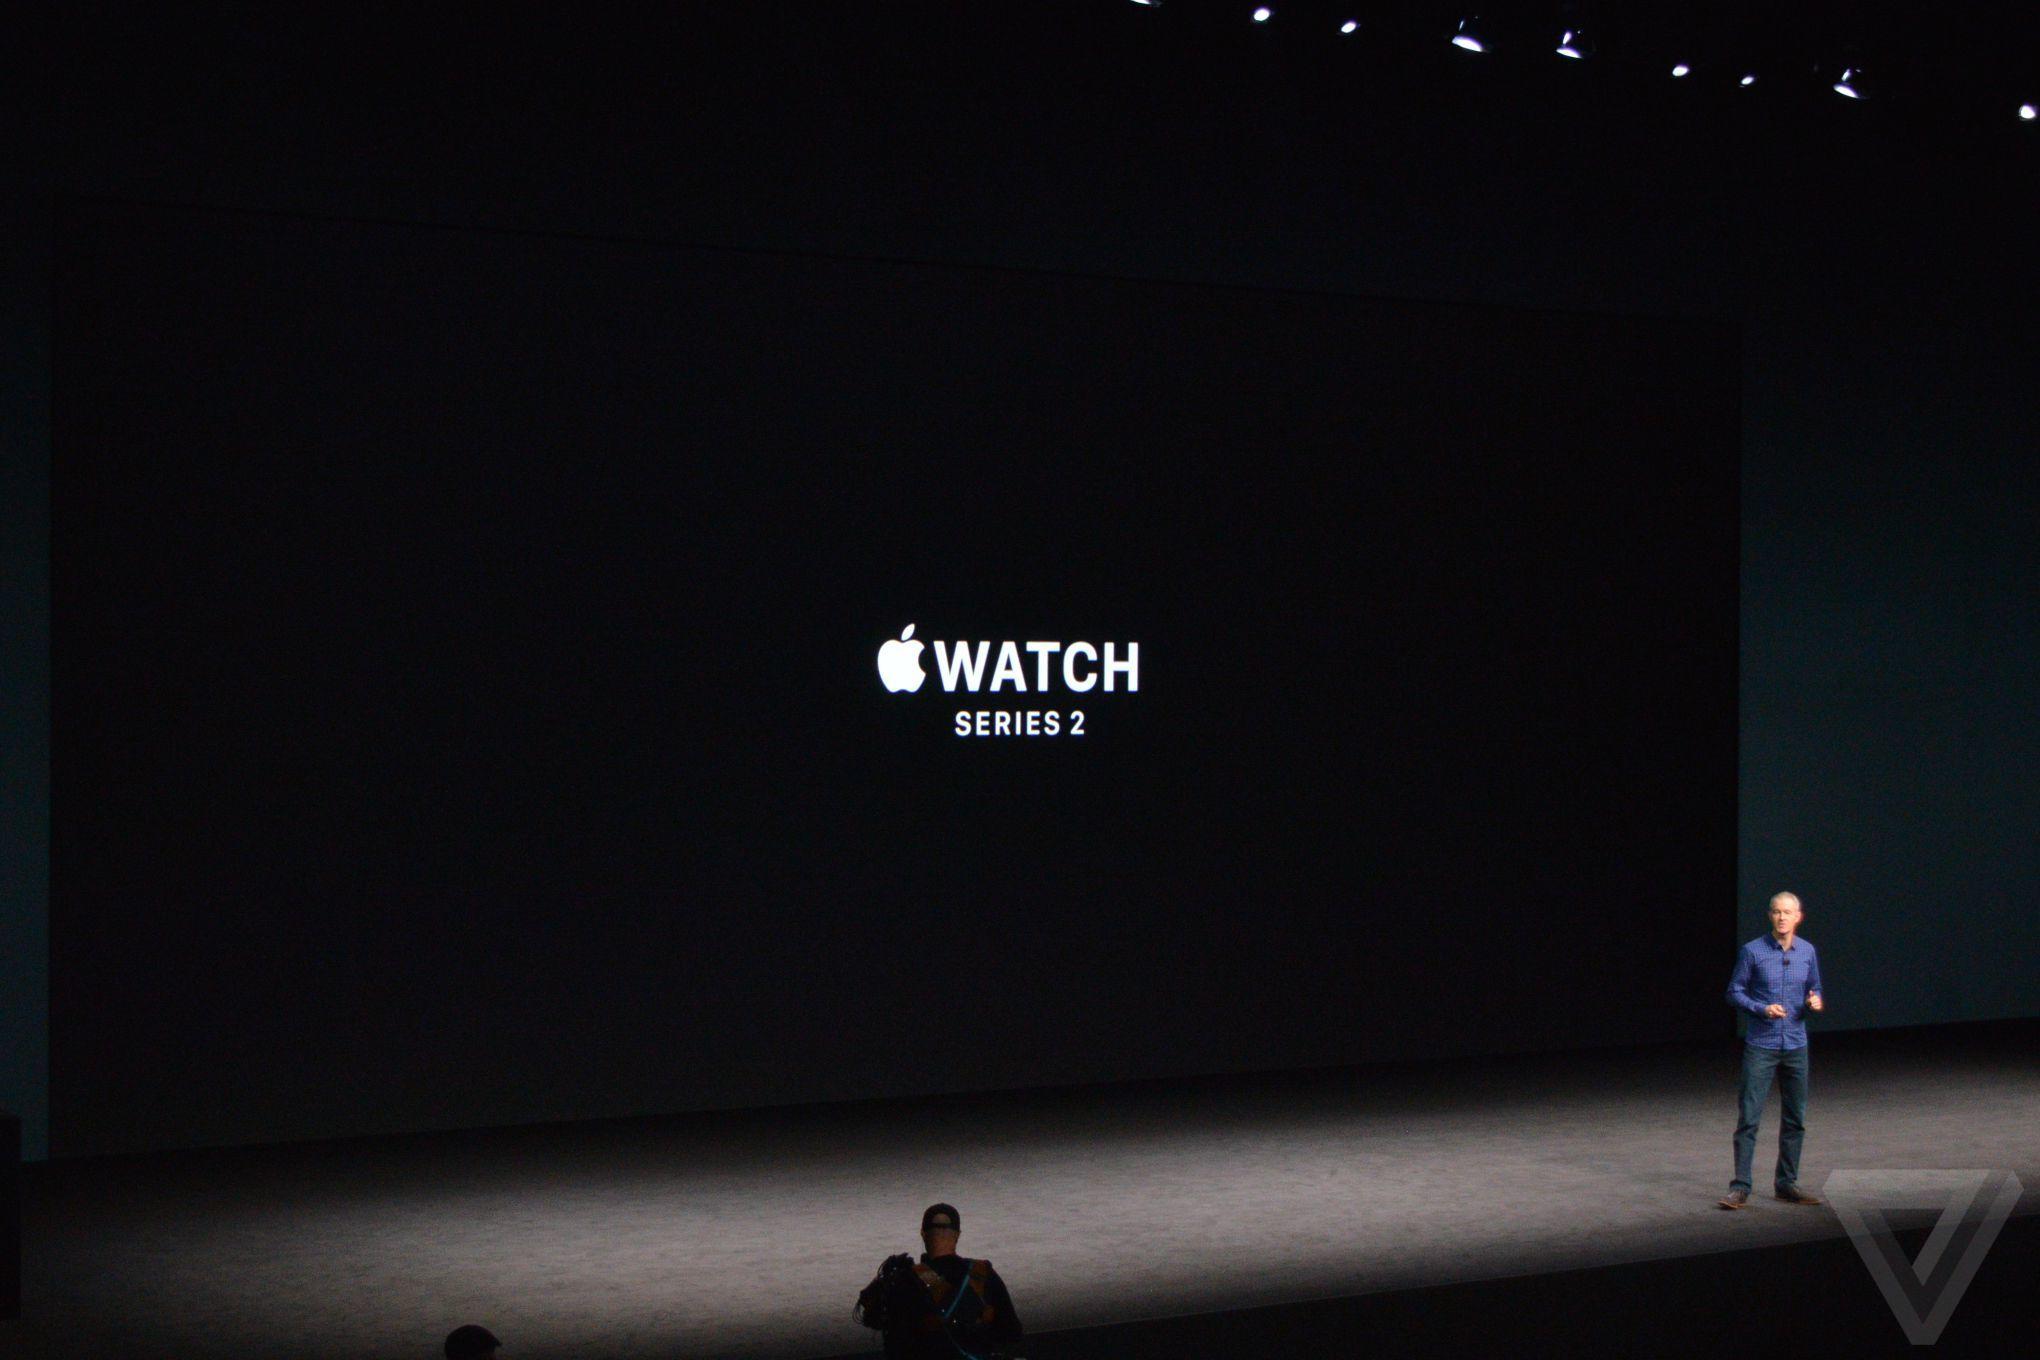 Apple presentation selol ink apple presentation toneelgroepblik Images